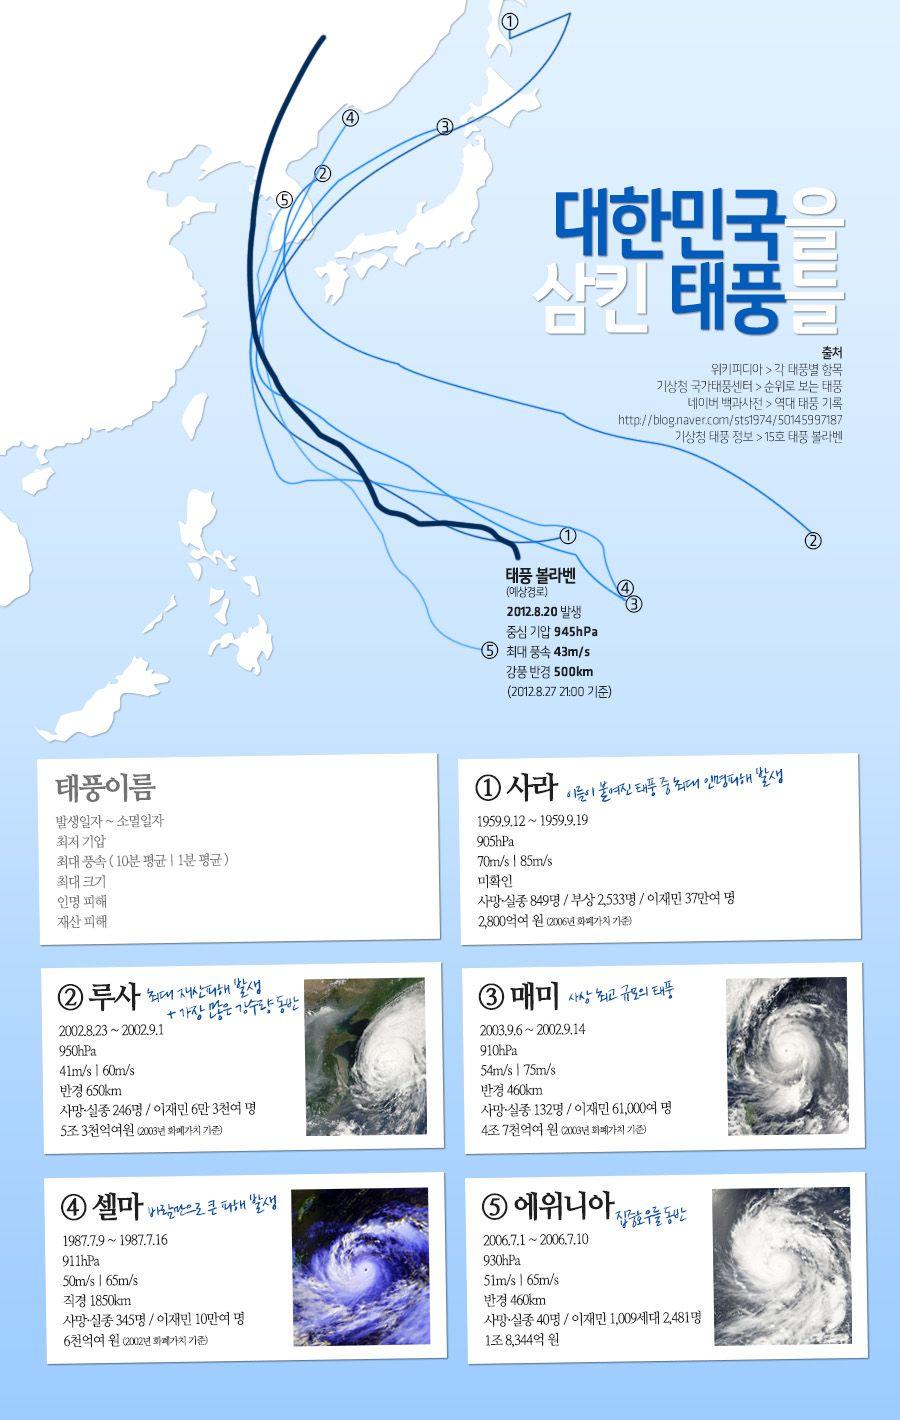 대한민국을 삼킨 태풍들